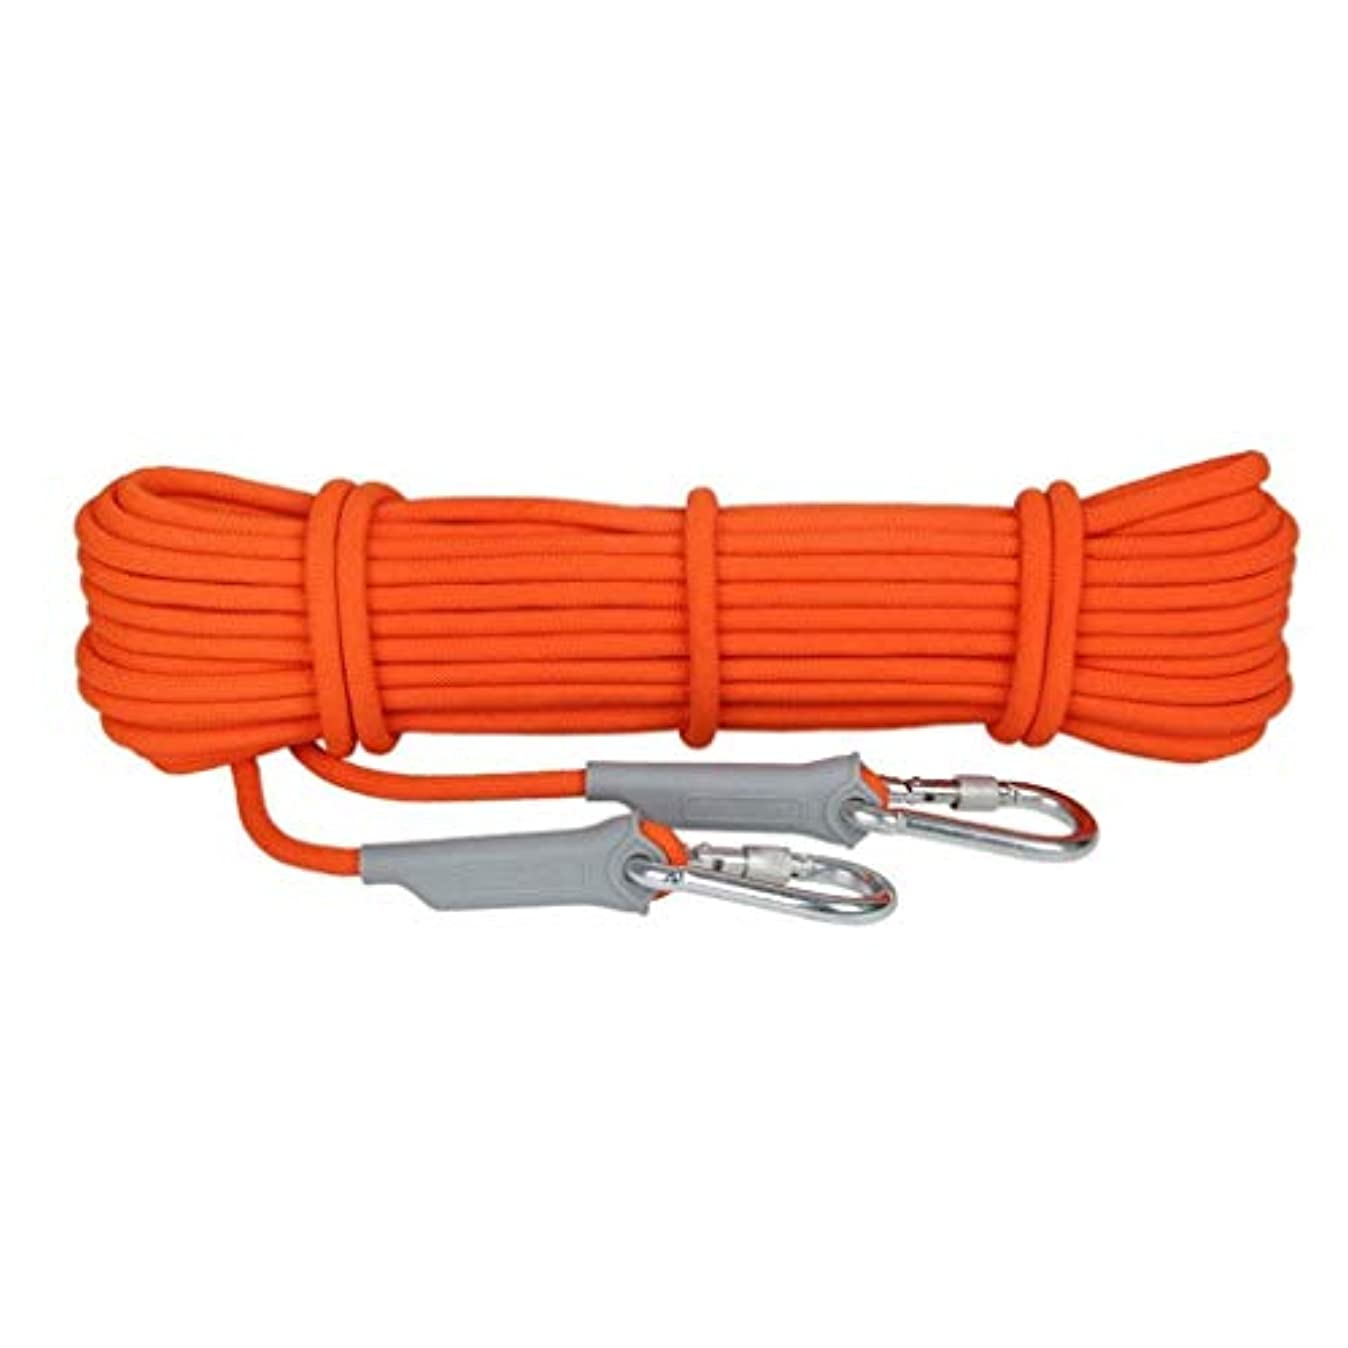 初心者選出する散らす登山ロープの家の火の緊急脱出ロープ、ハイキングの洞窟探検のキャンプの救助調査および工学保護のための多機能のコードの安全ロープ。 (Color : 8.5mm, Size : 15m)